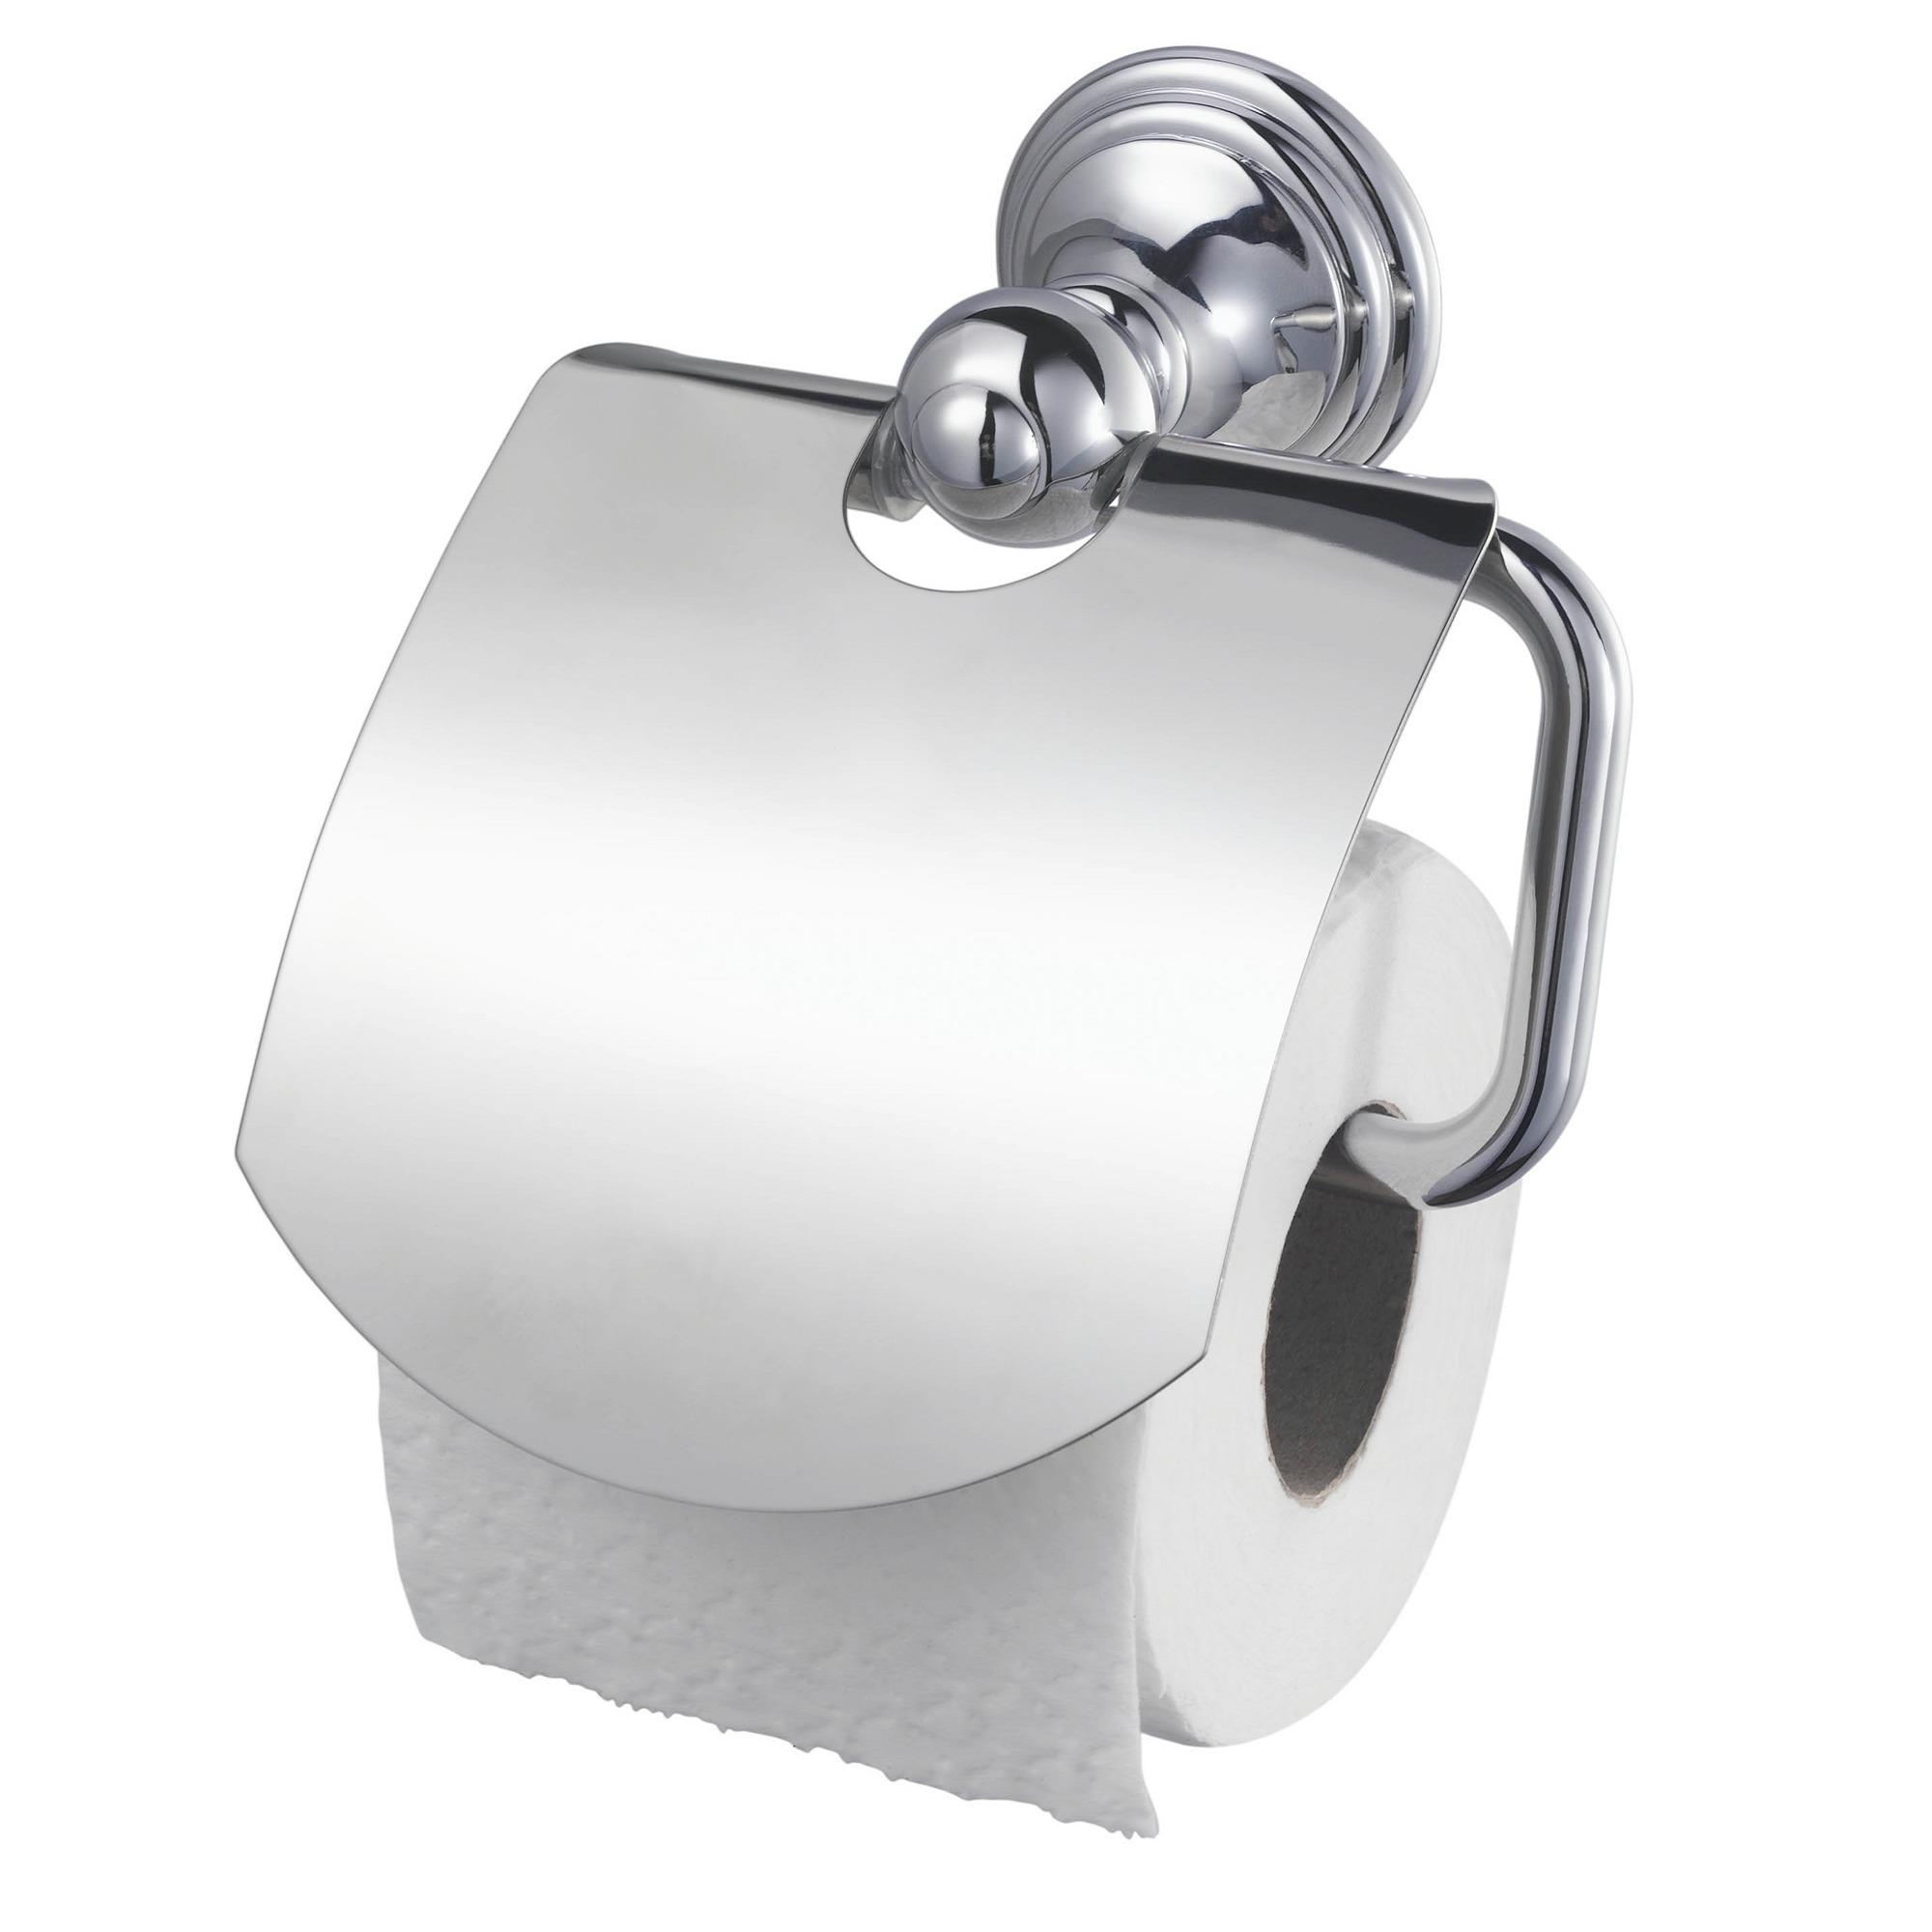 Haceka Allure toiletrolhouder met klep